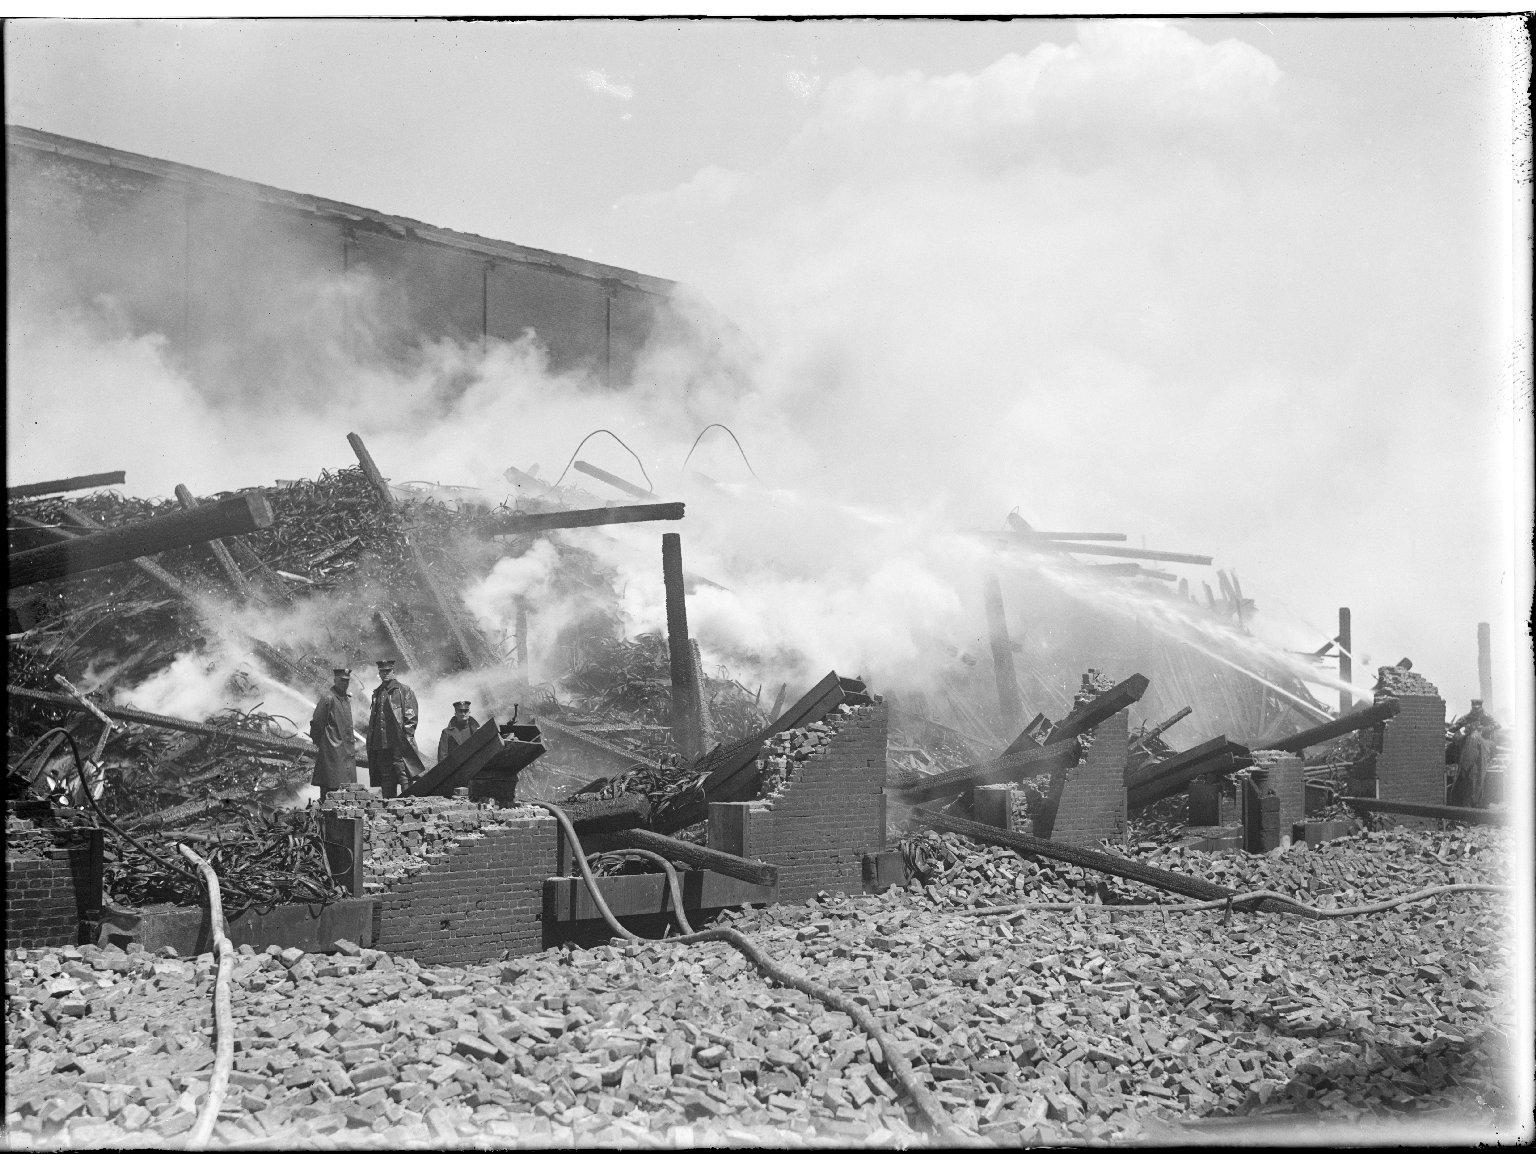 Пожарные инспекторы на сгоревшем складе. Нью-Йорк, США. 1950-е